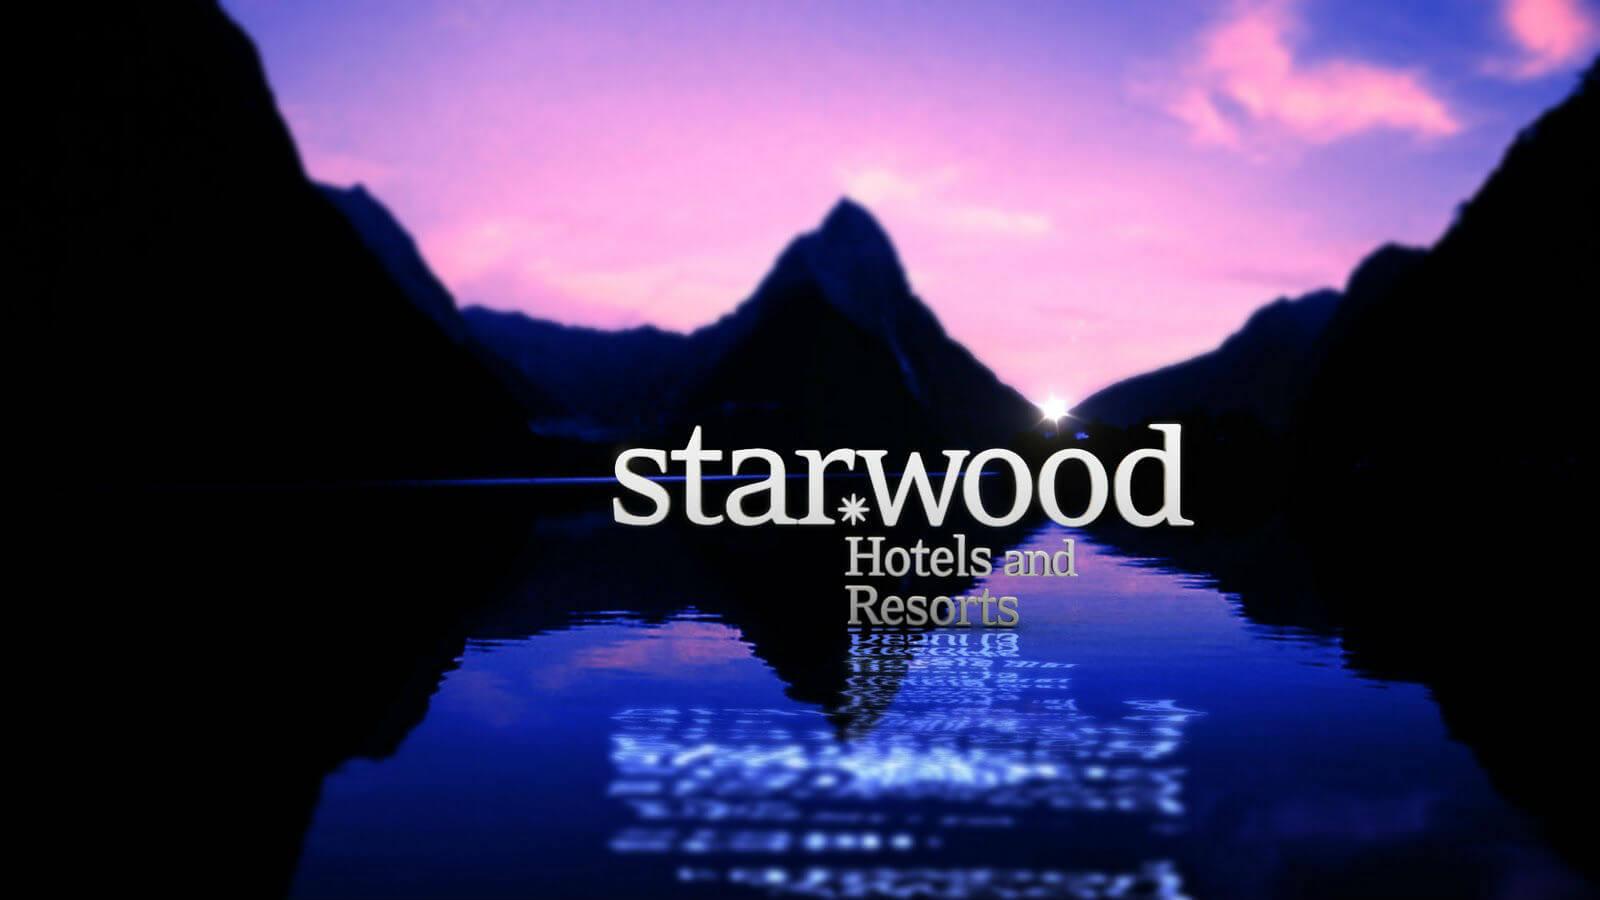 Корпорация Starwood Hotels & Resorts прибавила новый отель.